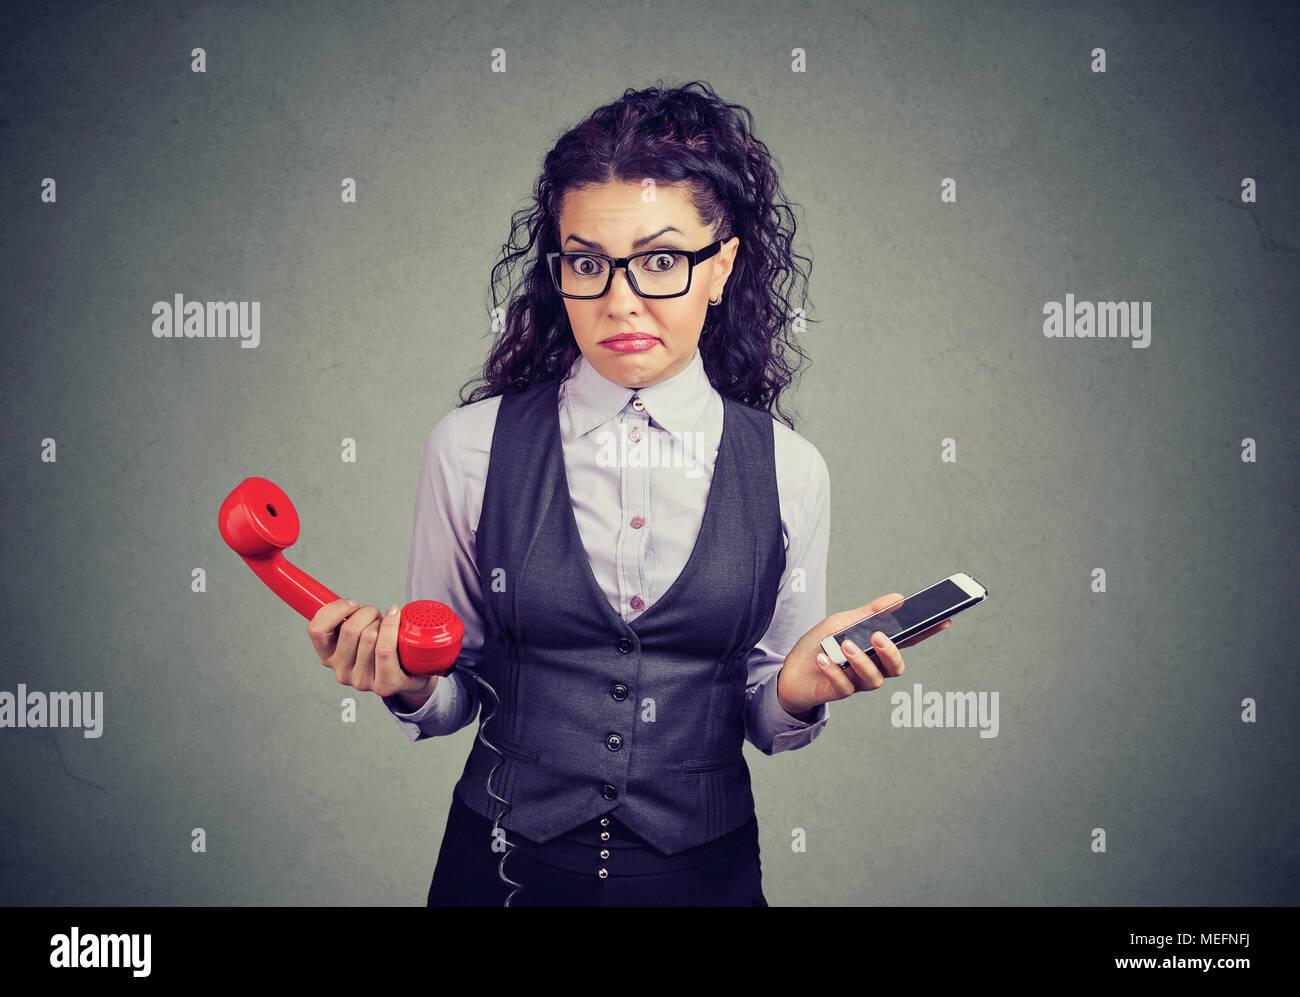 Formale Frau in Gläser mit alten und neuen Smartphone mit Kamera perplex. Stockbild